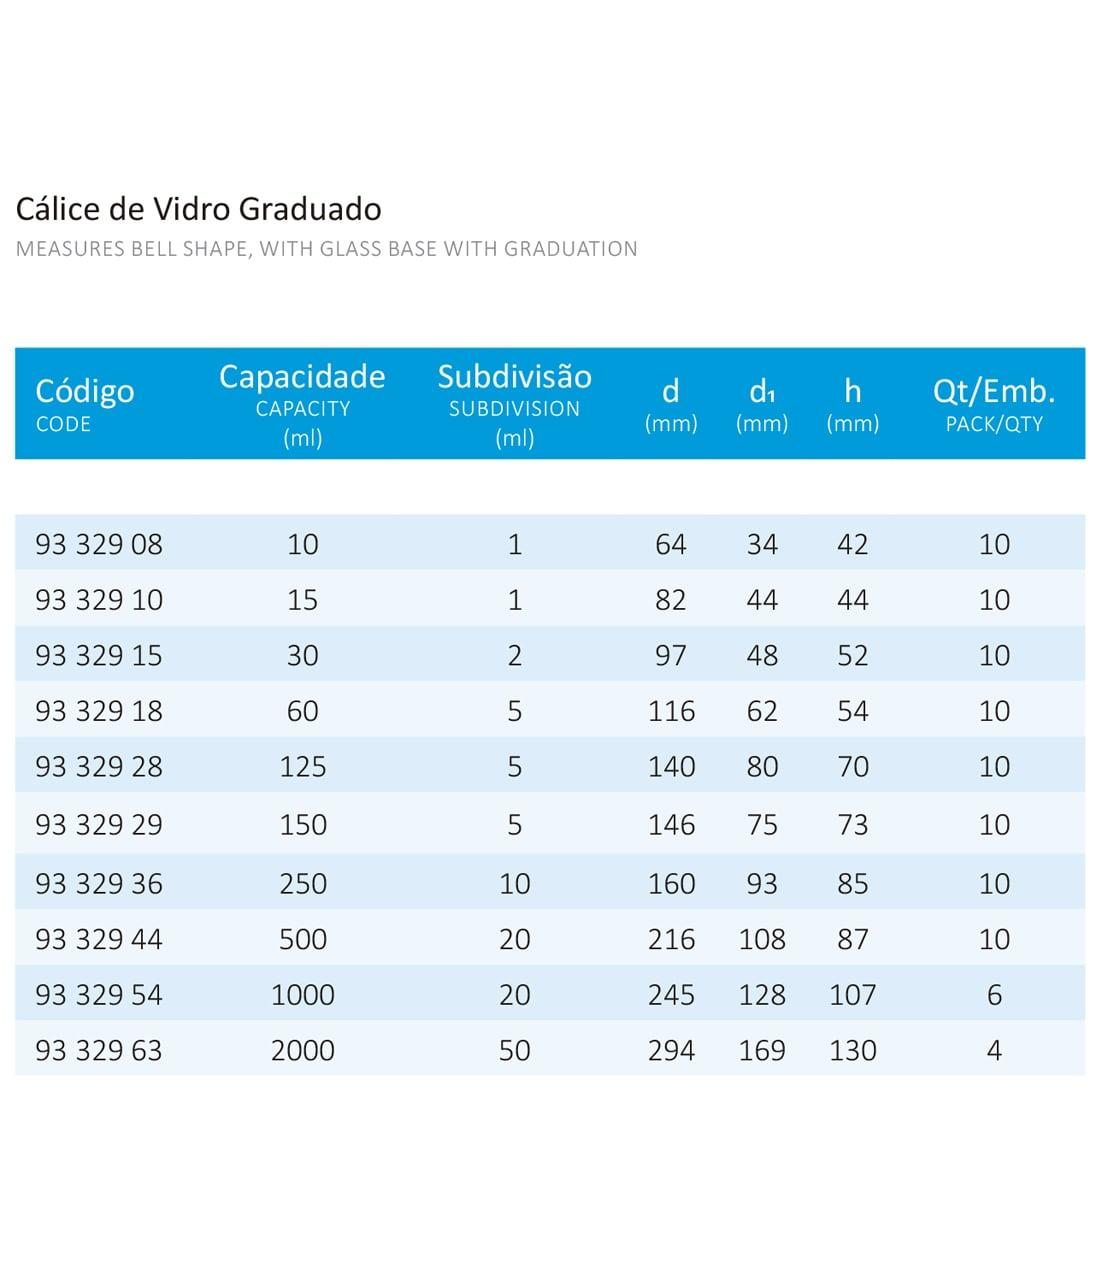 CALICE DE VIDRO GRADUADO 15 ML 1/1 - Laborglas - Cód. 9332910